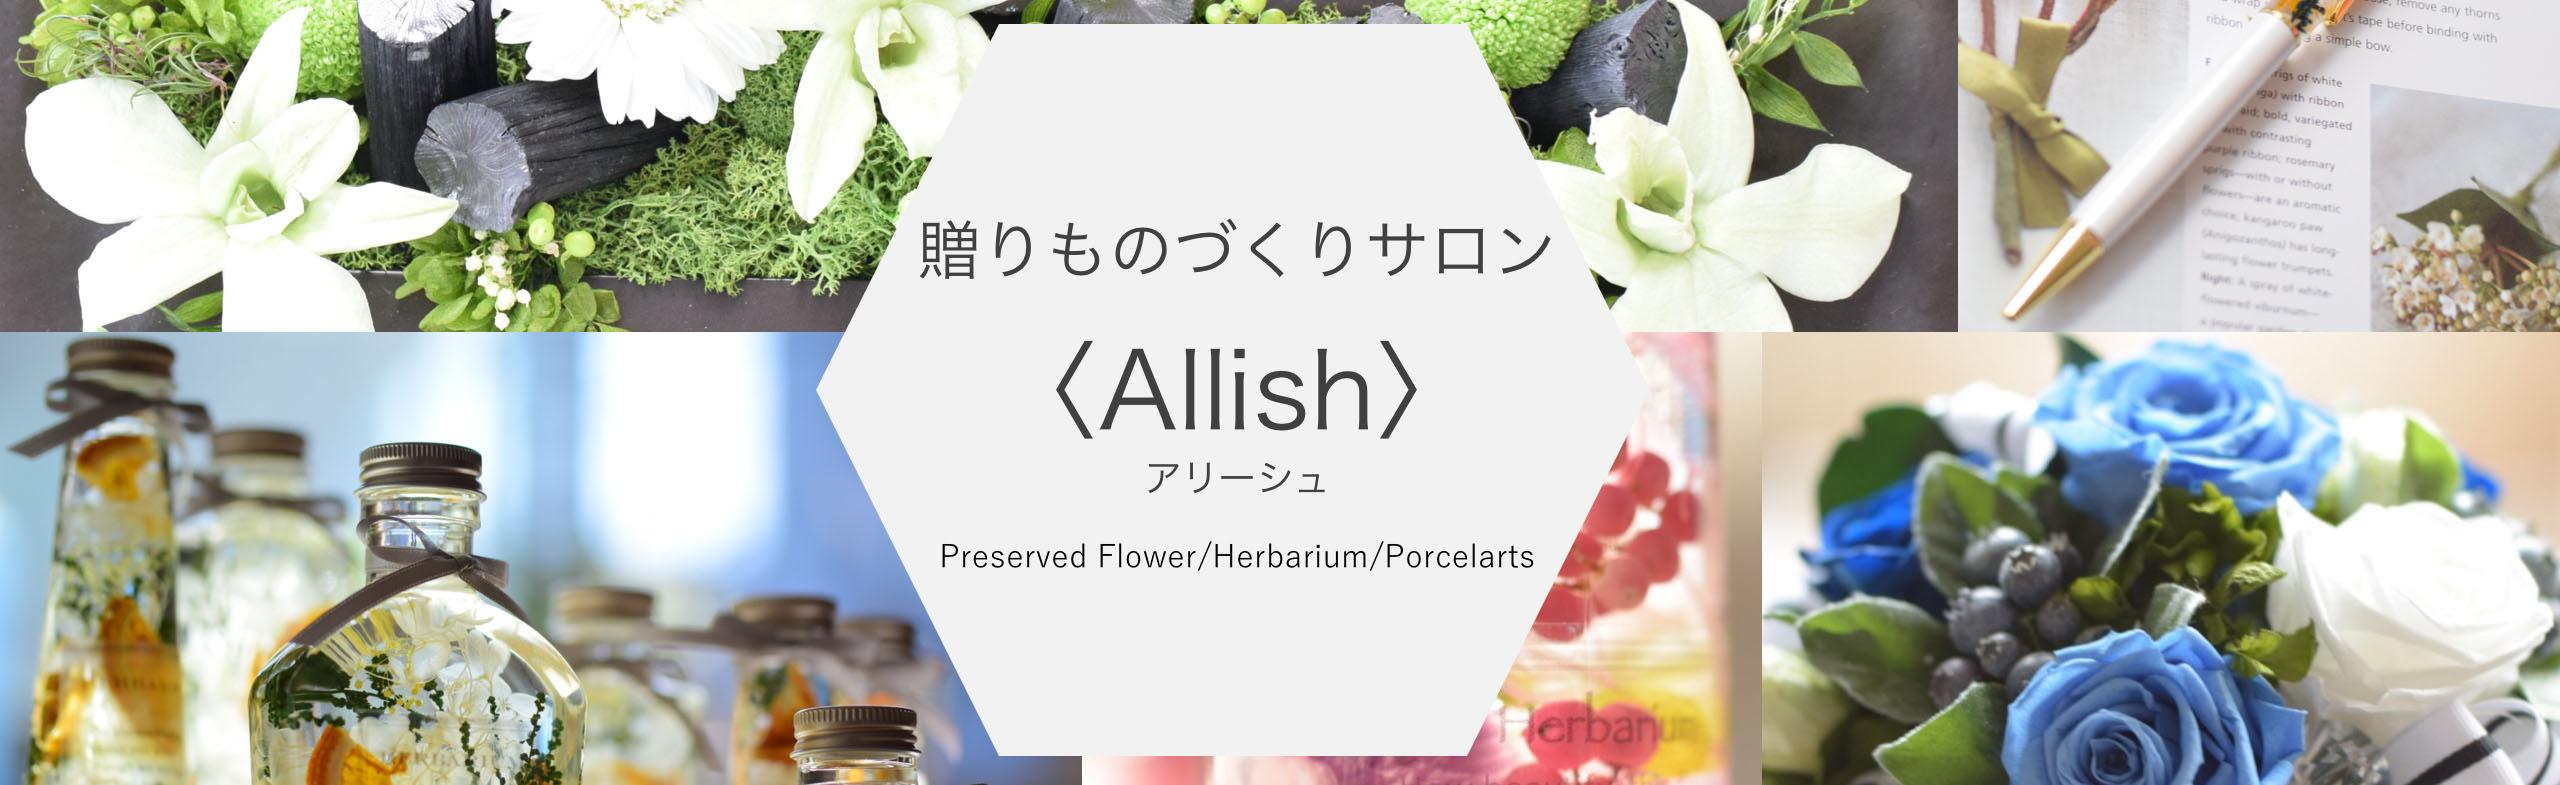 横浜 プリザーブドフラワー/ハーバリウム/アールポーセ(ポーセラーツ)教室 Allish アリーシュ